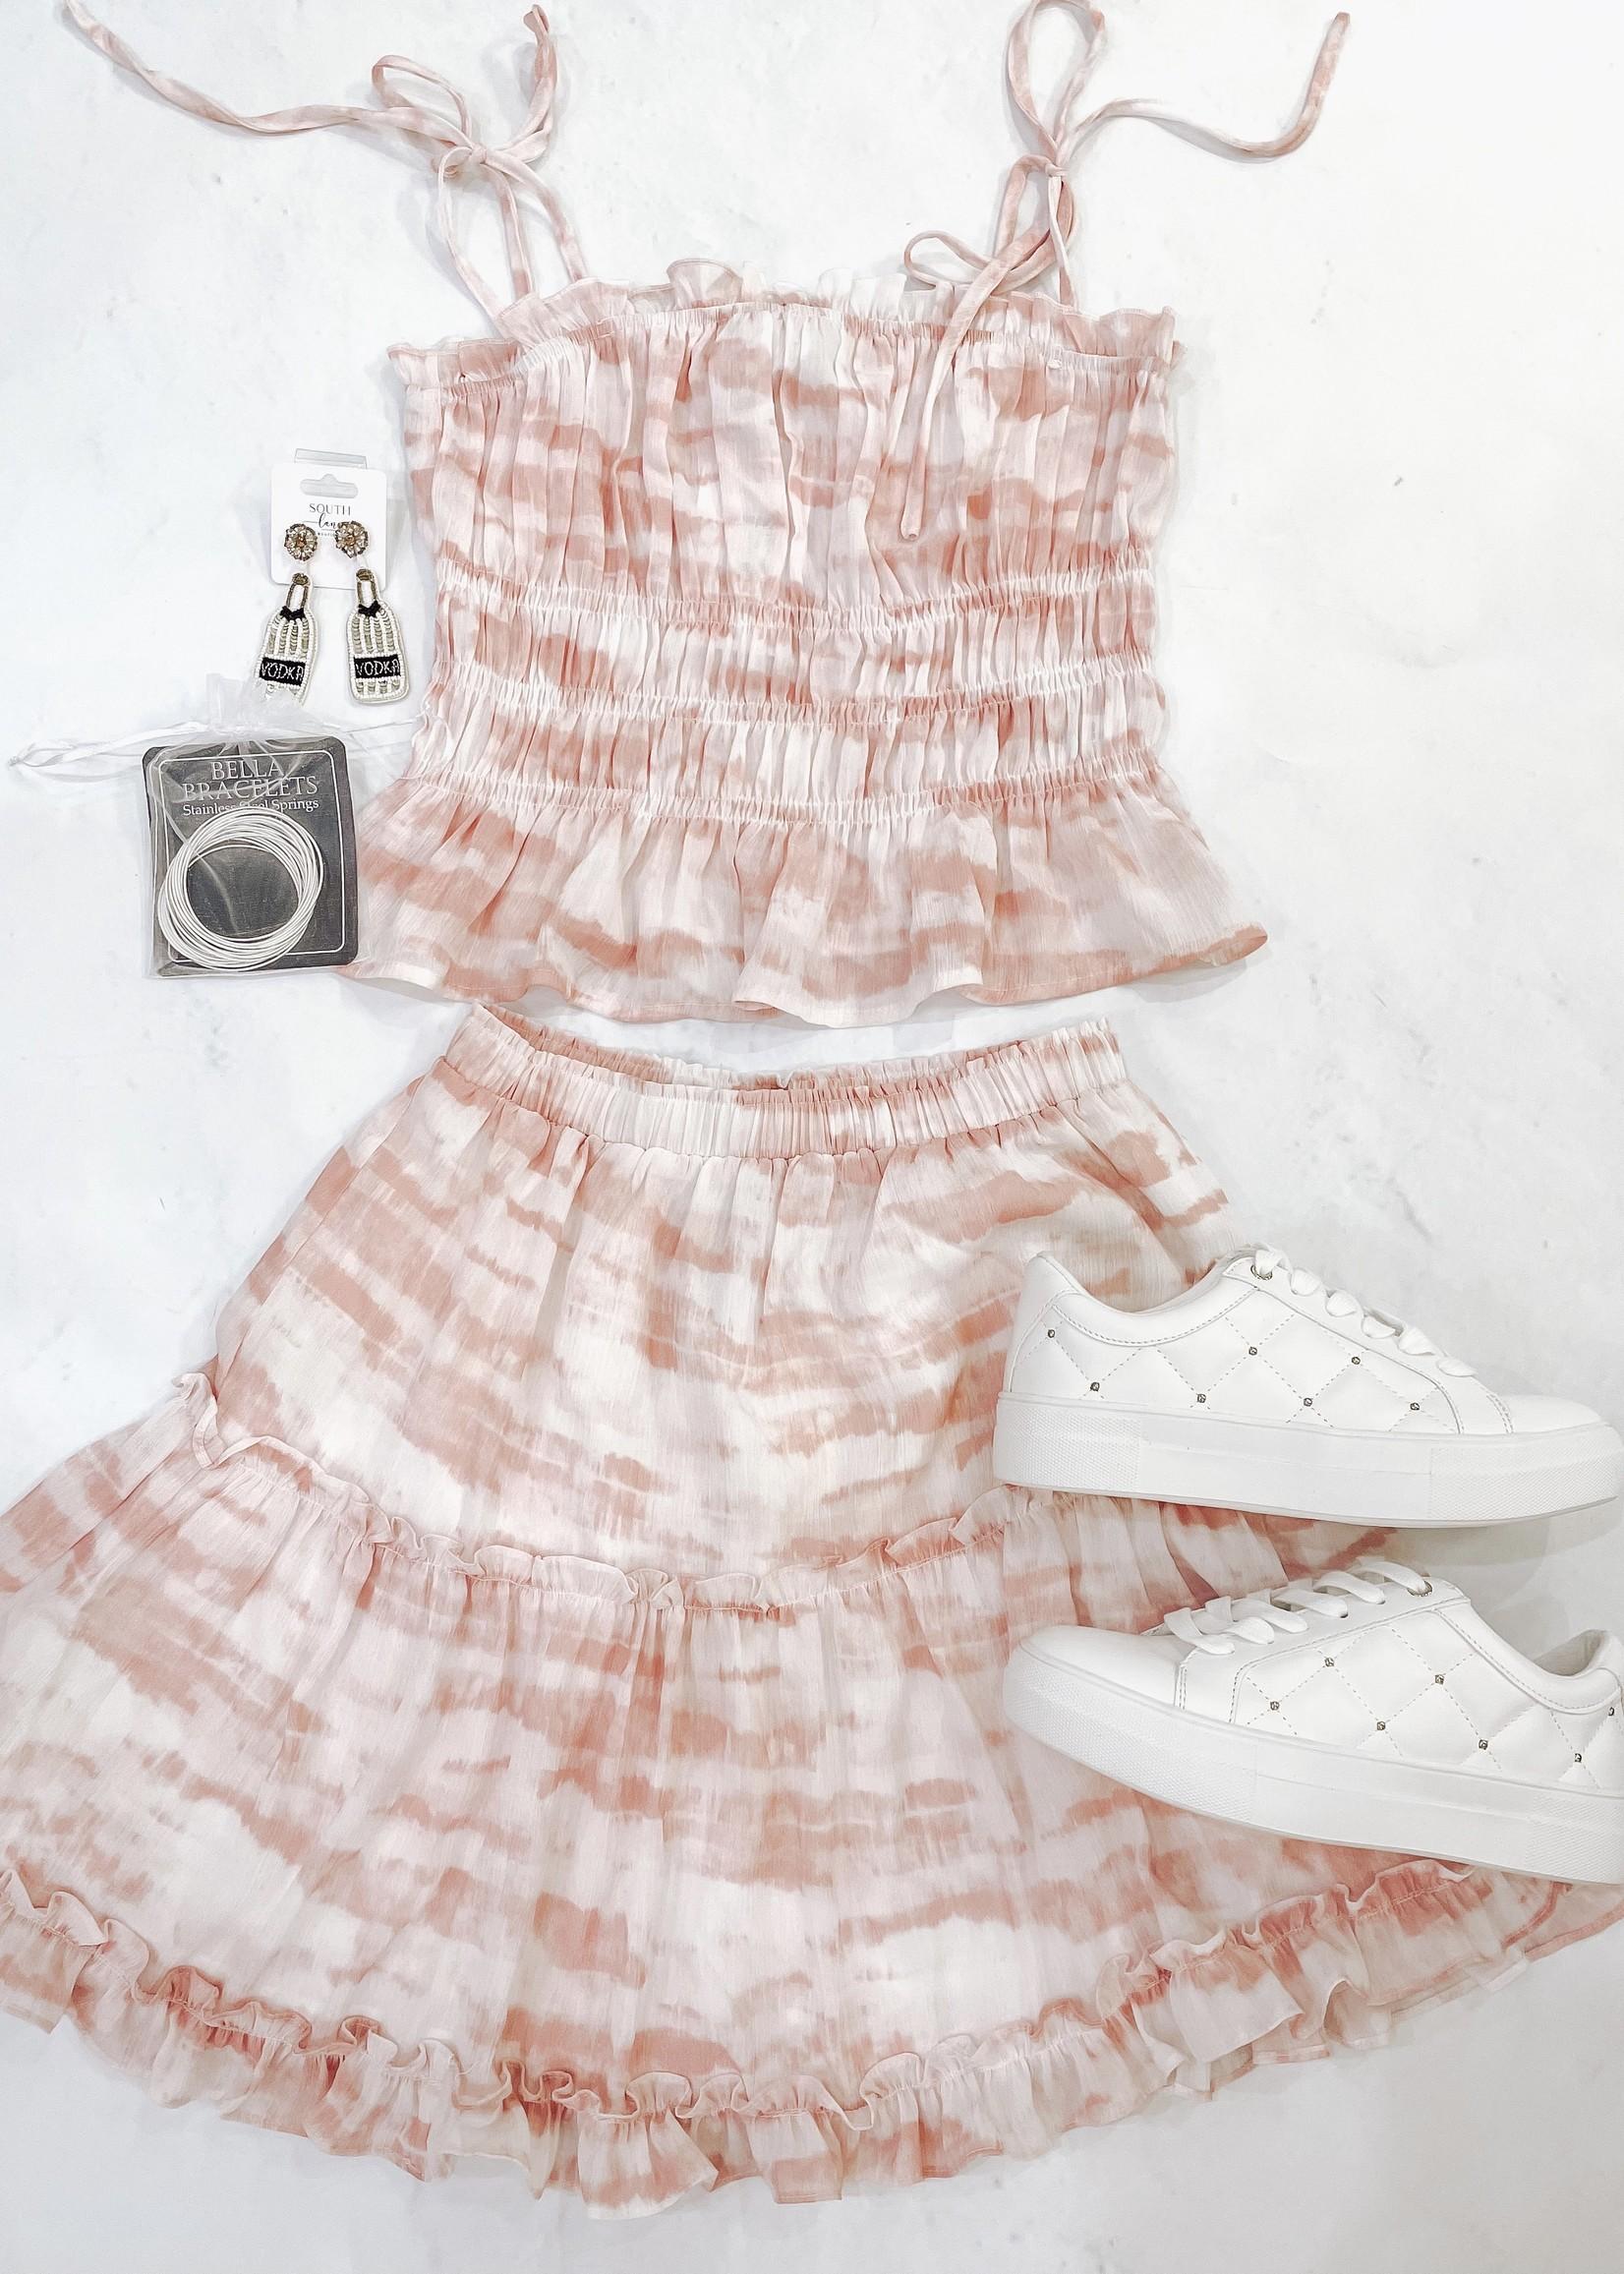 Cotton Candy Cutie Skirt